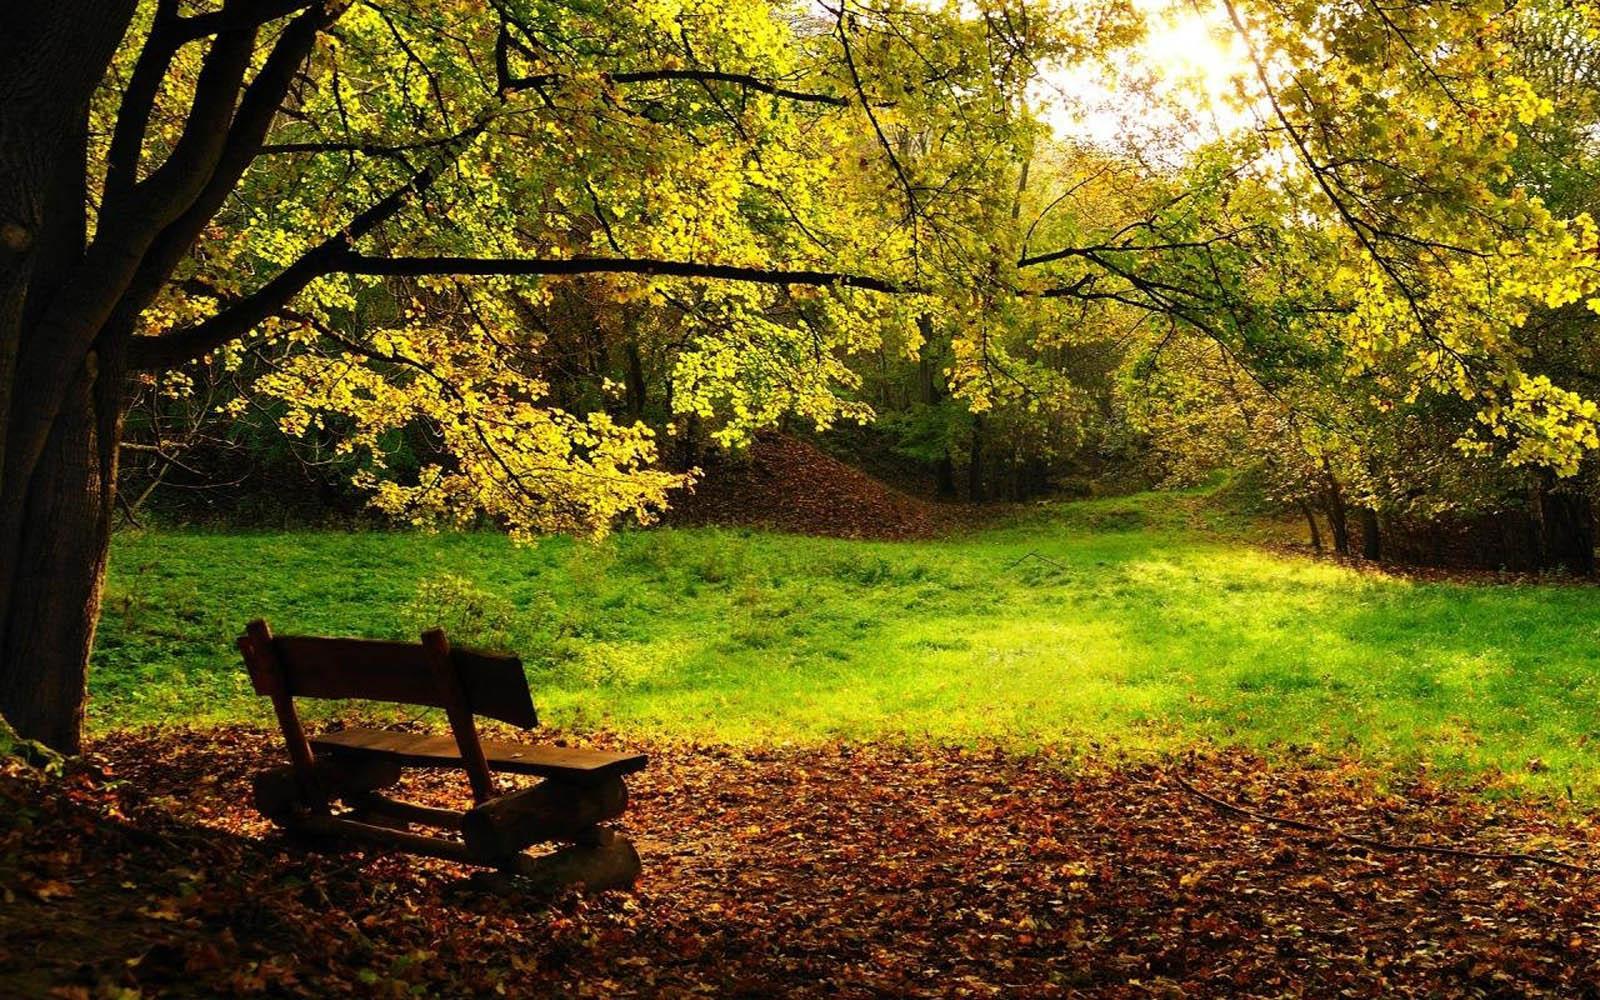 Sceneries Desktop Wallpapers Peaceful Sceneries Desktop Backgrounds 1600x1000